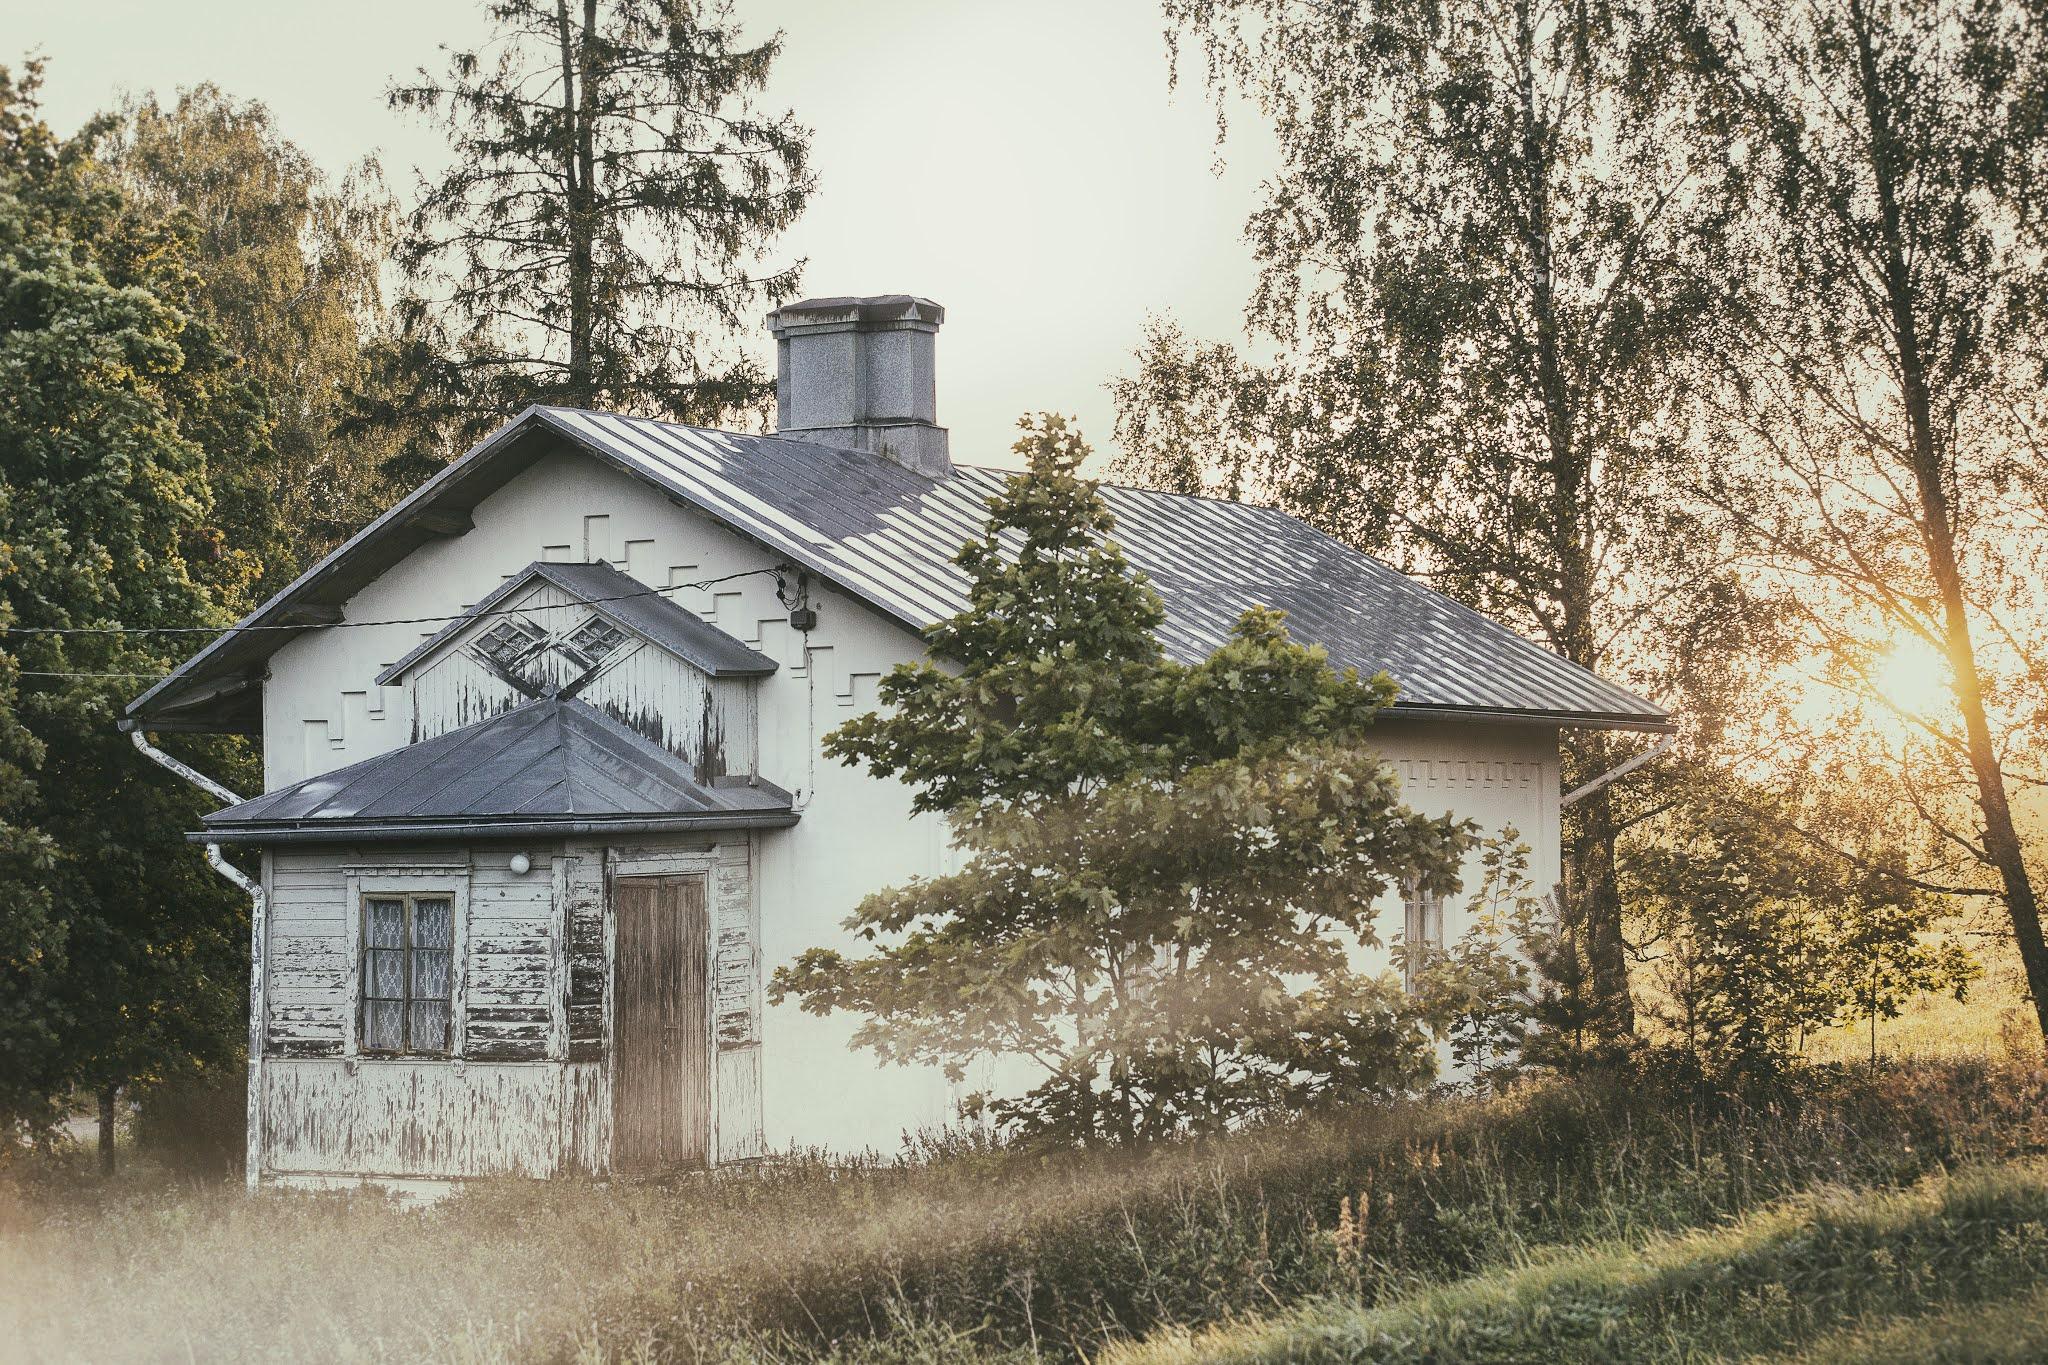 Kirkkonummi, visitkirkkonummi, Suomi, Finland, visitfinland, matkailu, matkustus, Uusimaa, worthvisiting, kotimaa, valokuvaaja, Frida Steiner, photographer, Visualaddict, matkustusblogin, blogi, visualaddictfrida, luonto, luontokuvaus